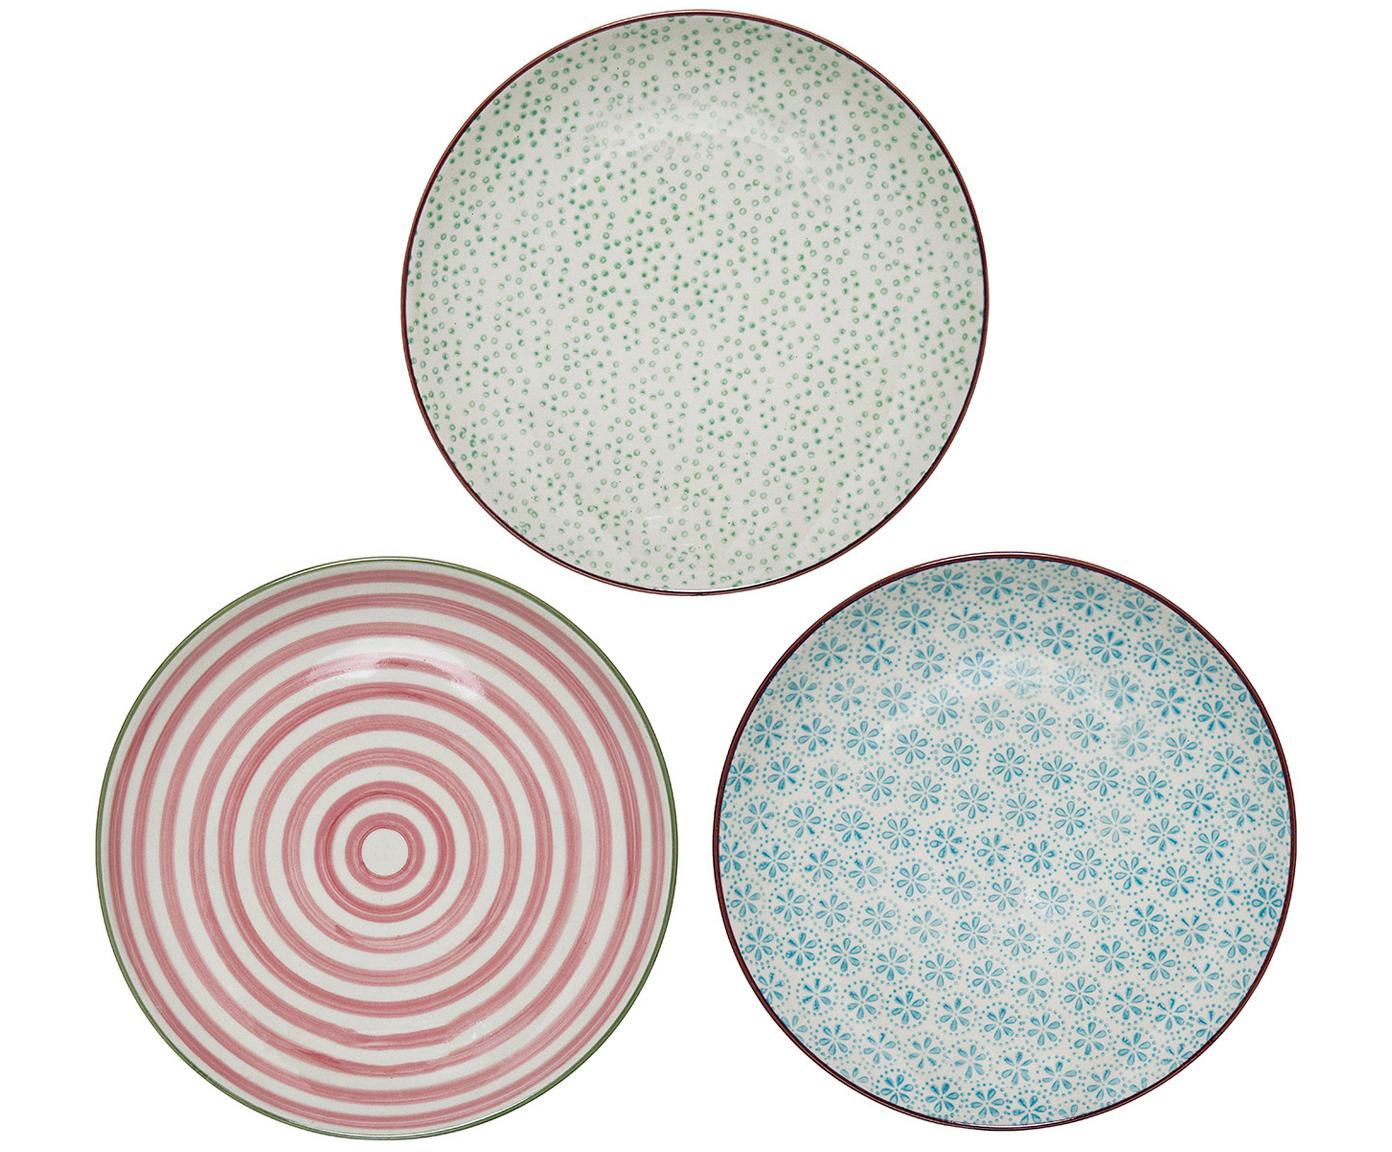 Platos postre Patrizia, 3uds., Gres, Blanco, verde, rojo, azul, Ø 20 cm